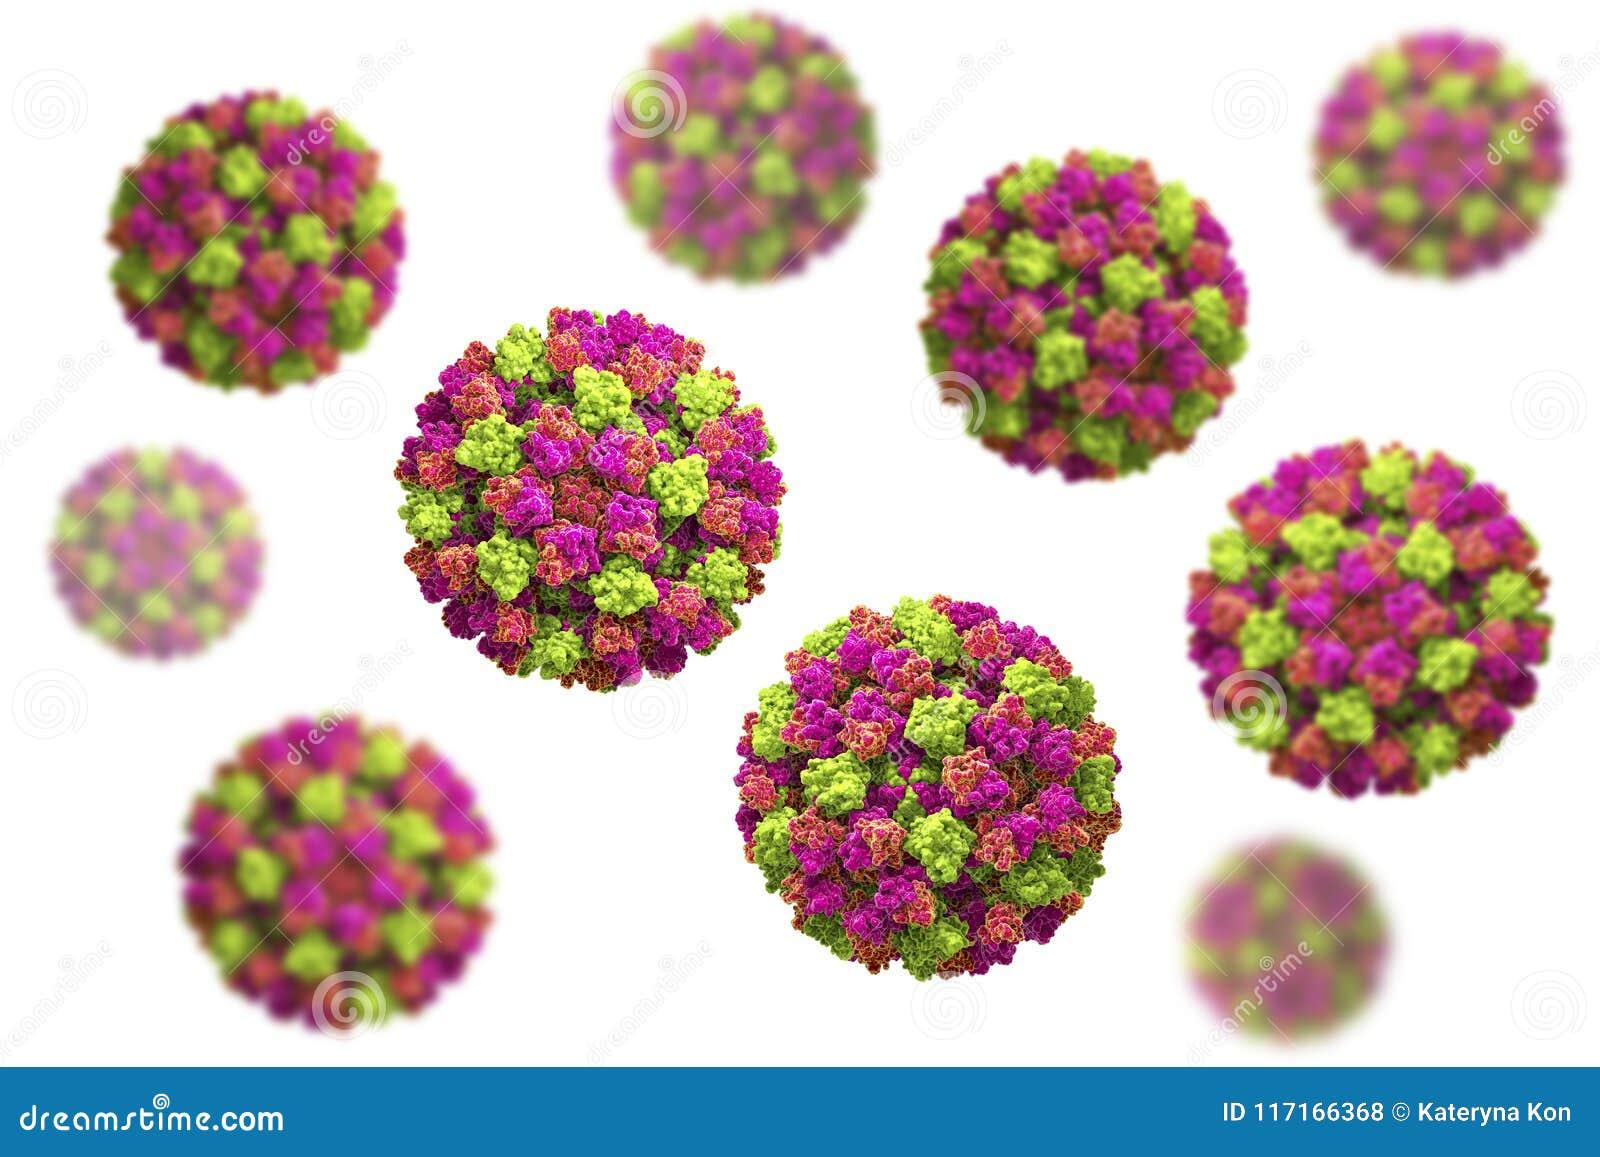 virus vomito diarrea